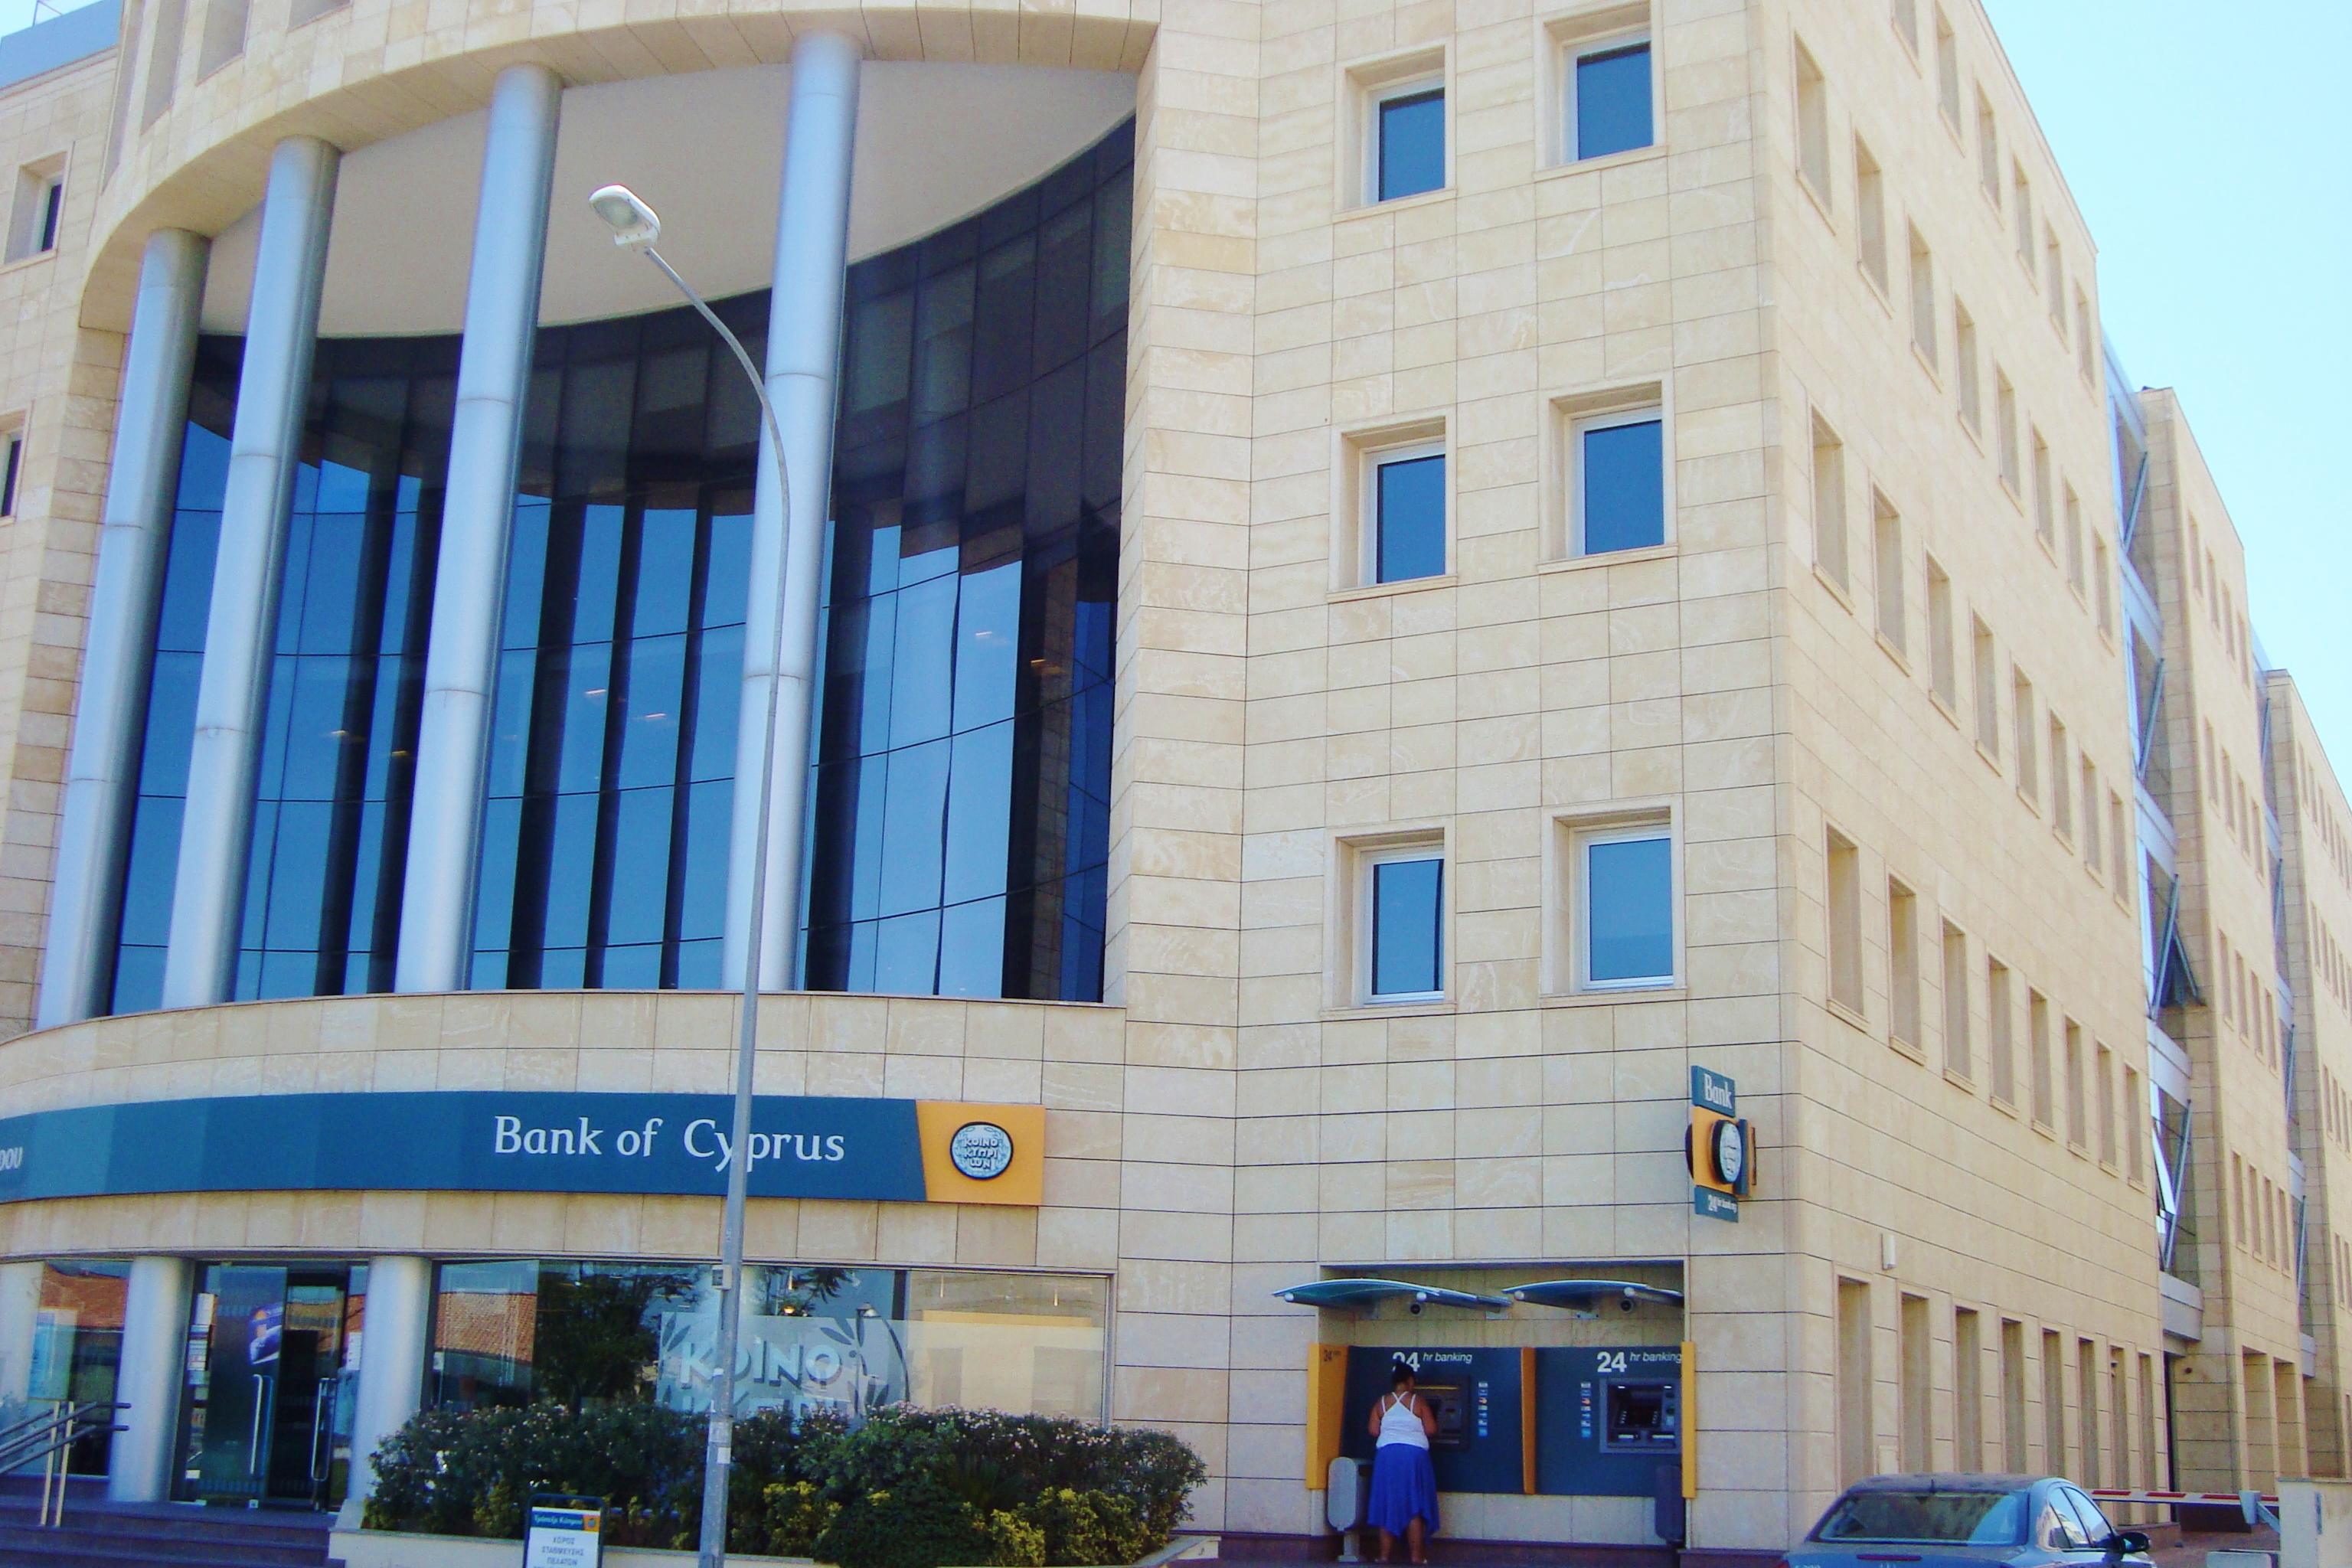 המשבר מתקרב: קפריסין מבקשת סיוע פיננסי מאירופה